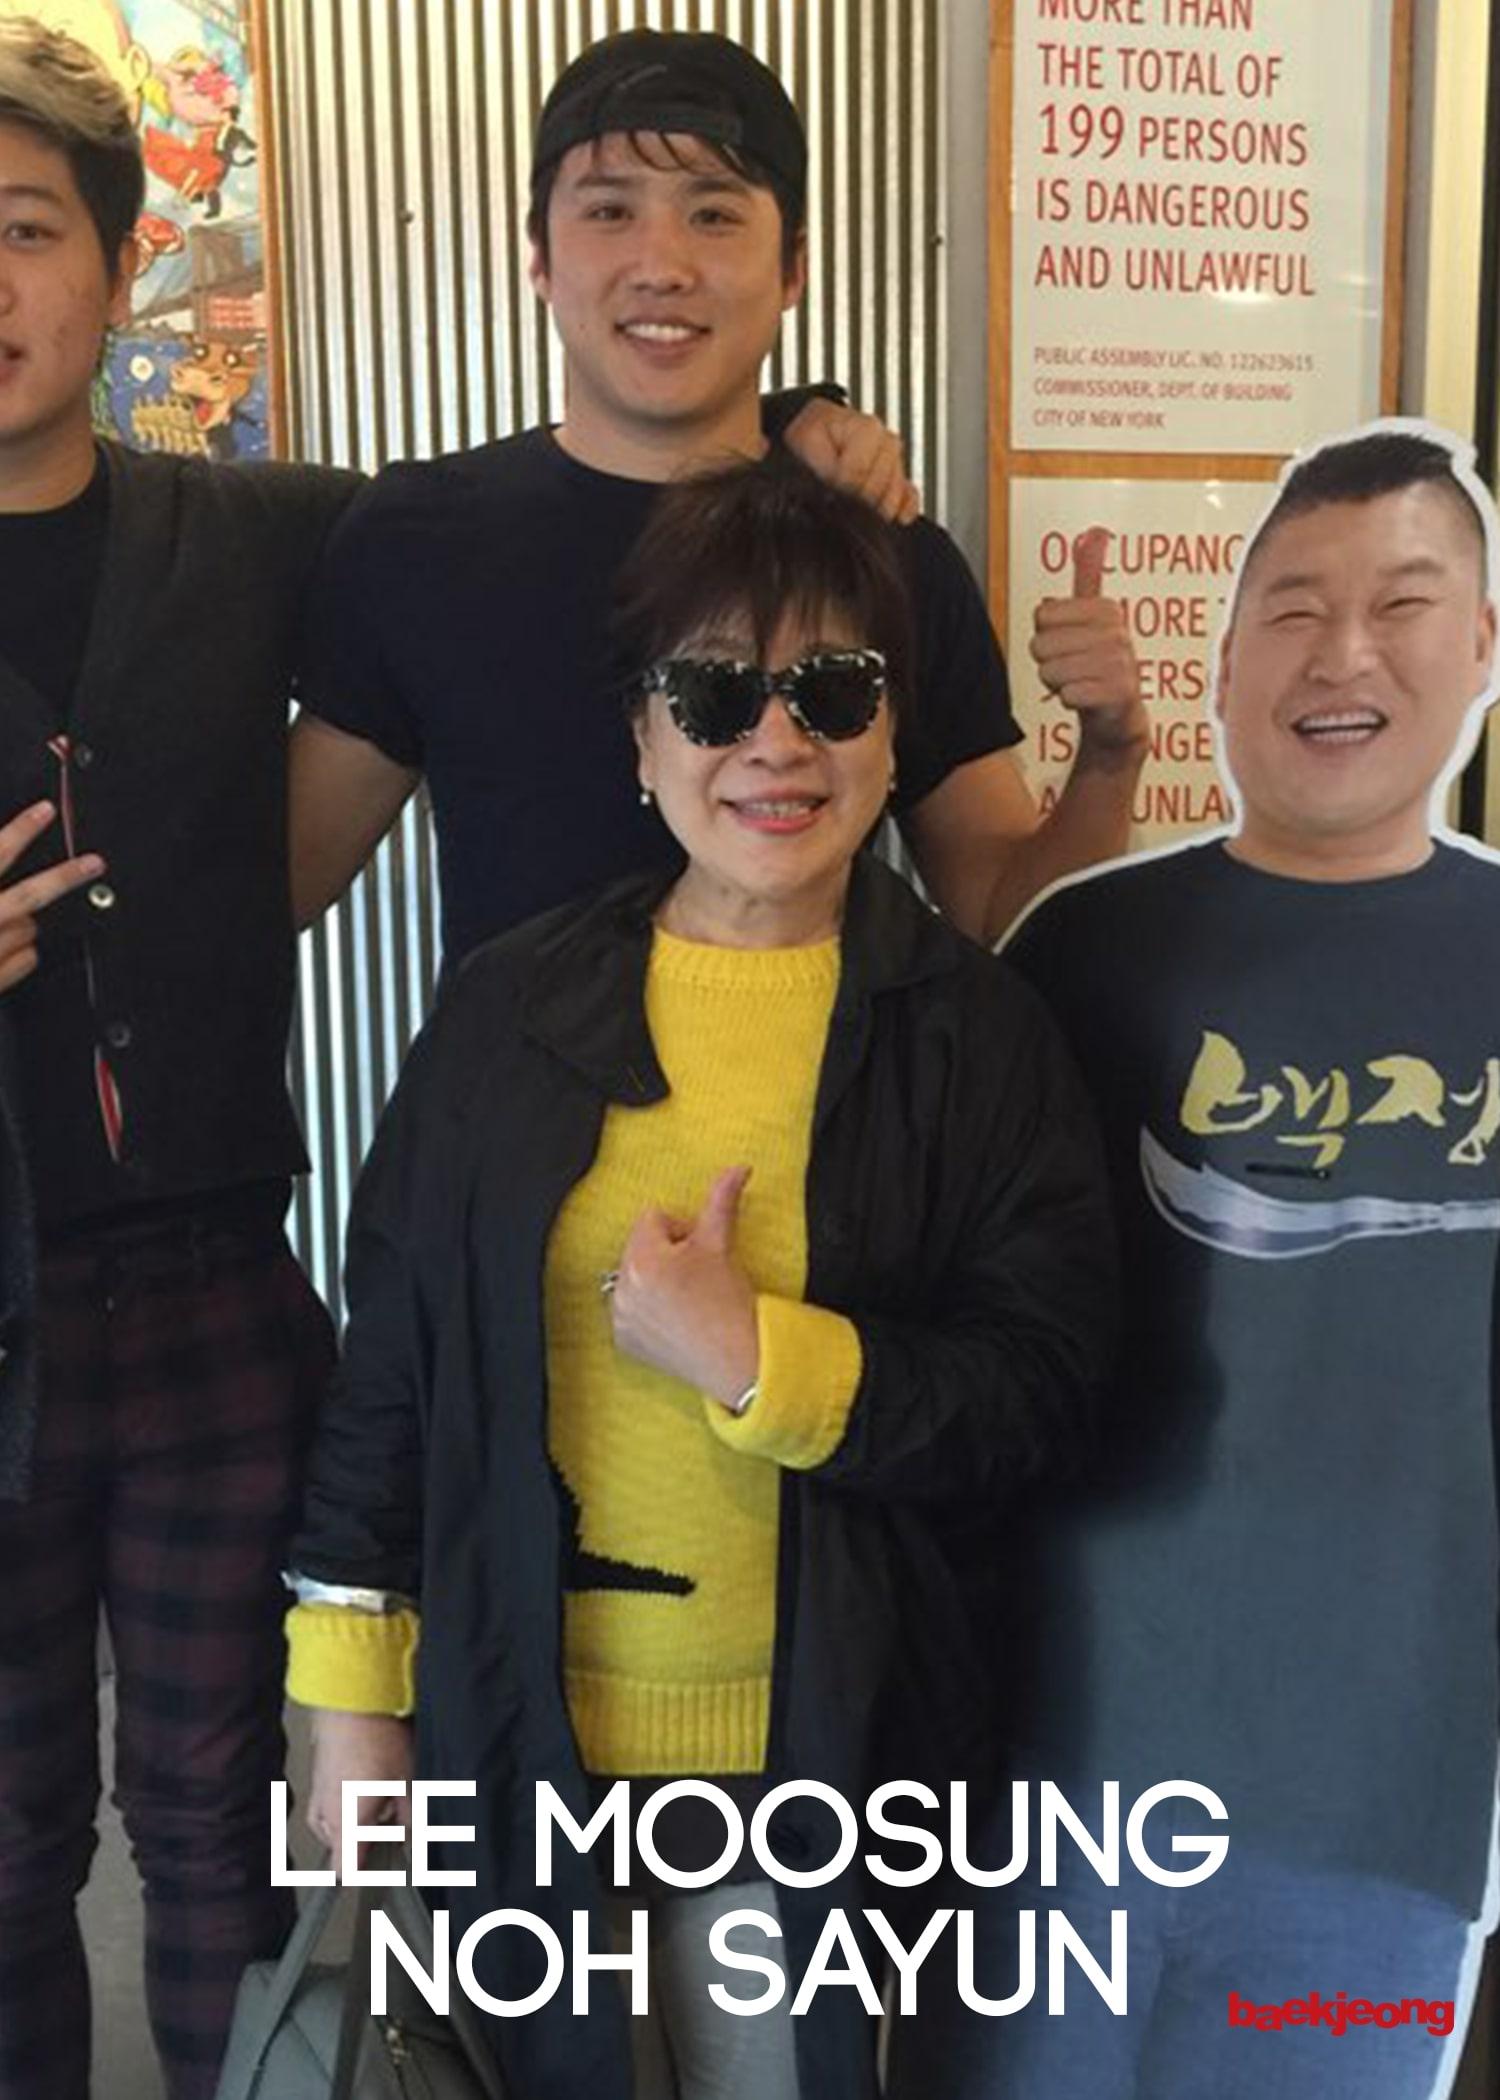 LeeMoosungNohSayun.jpg